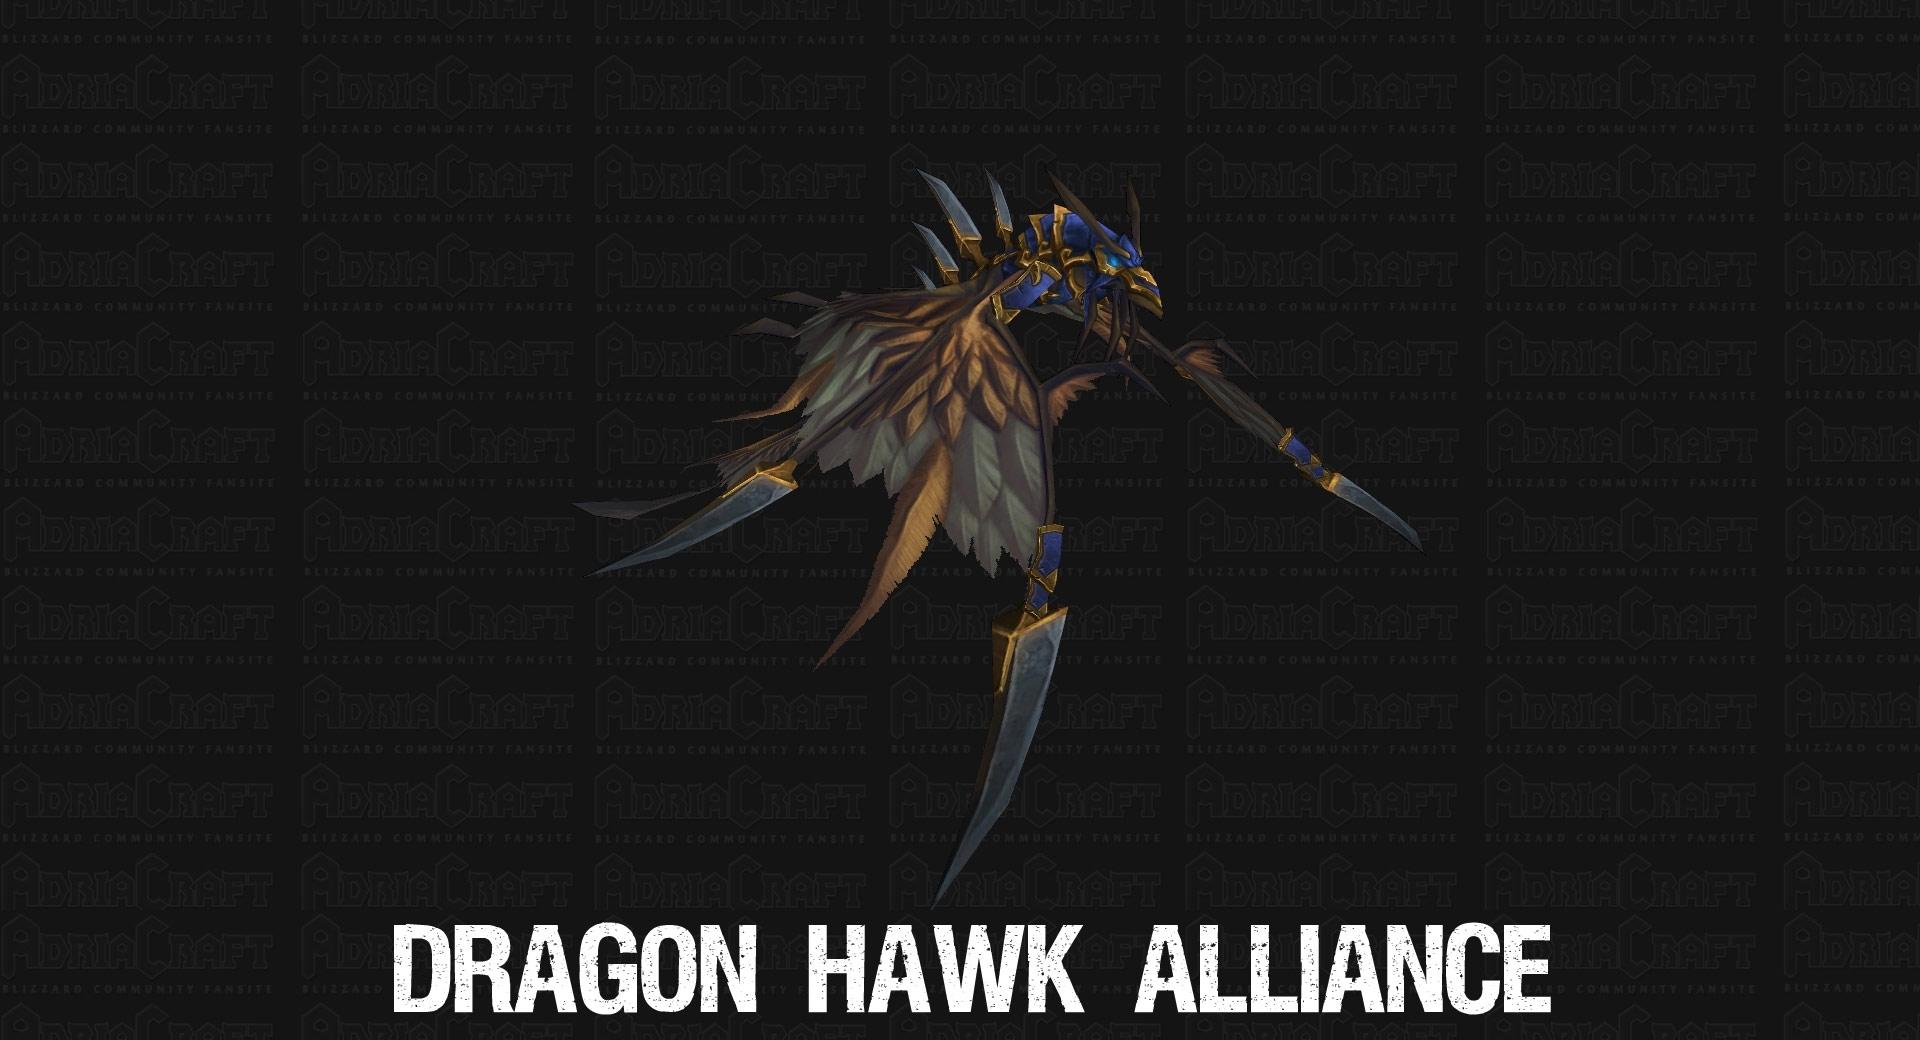 Monture offerte pour le haut fait des 200 montures: Dragon Hawk de l'Alliance.